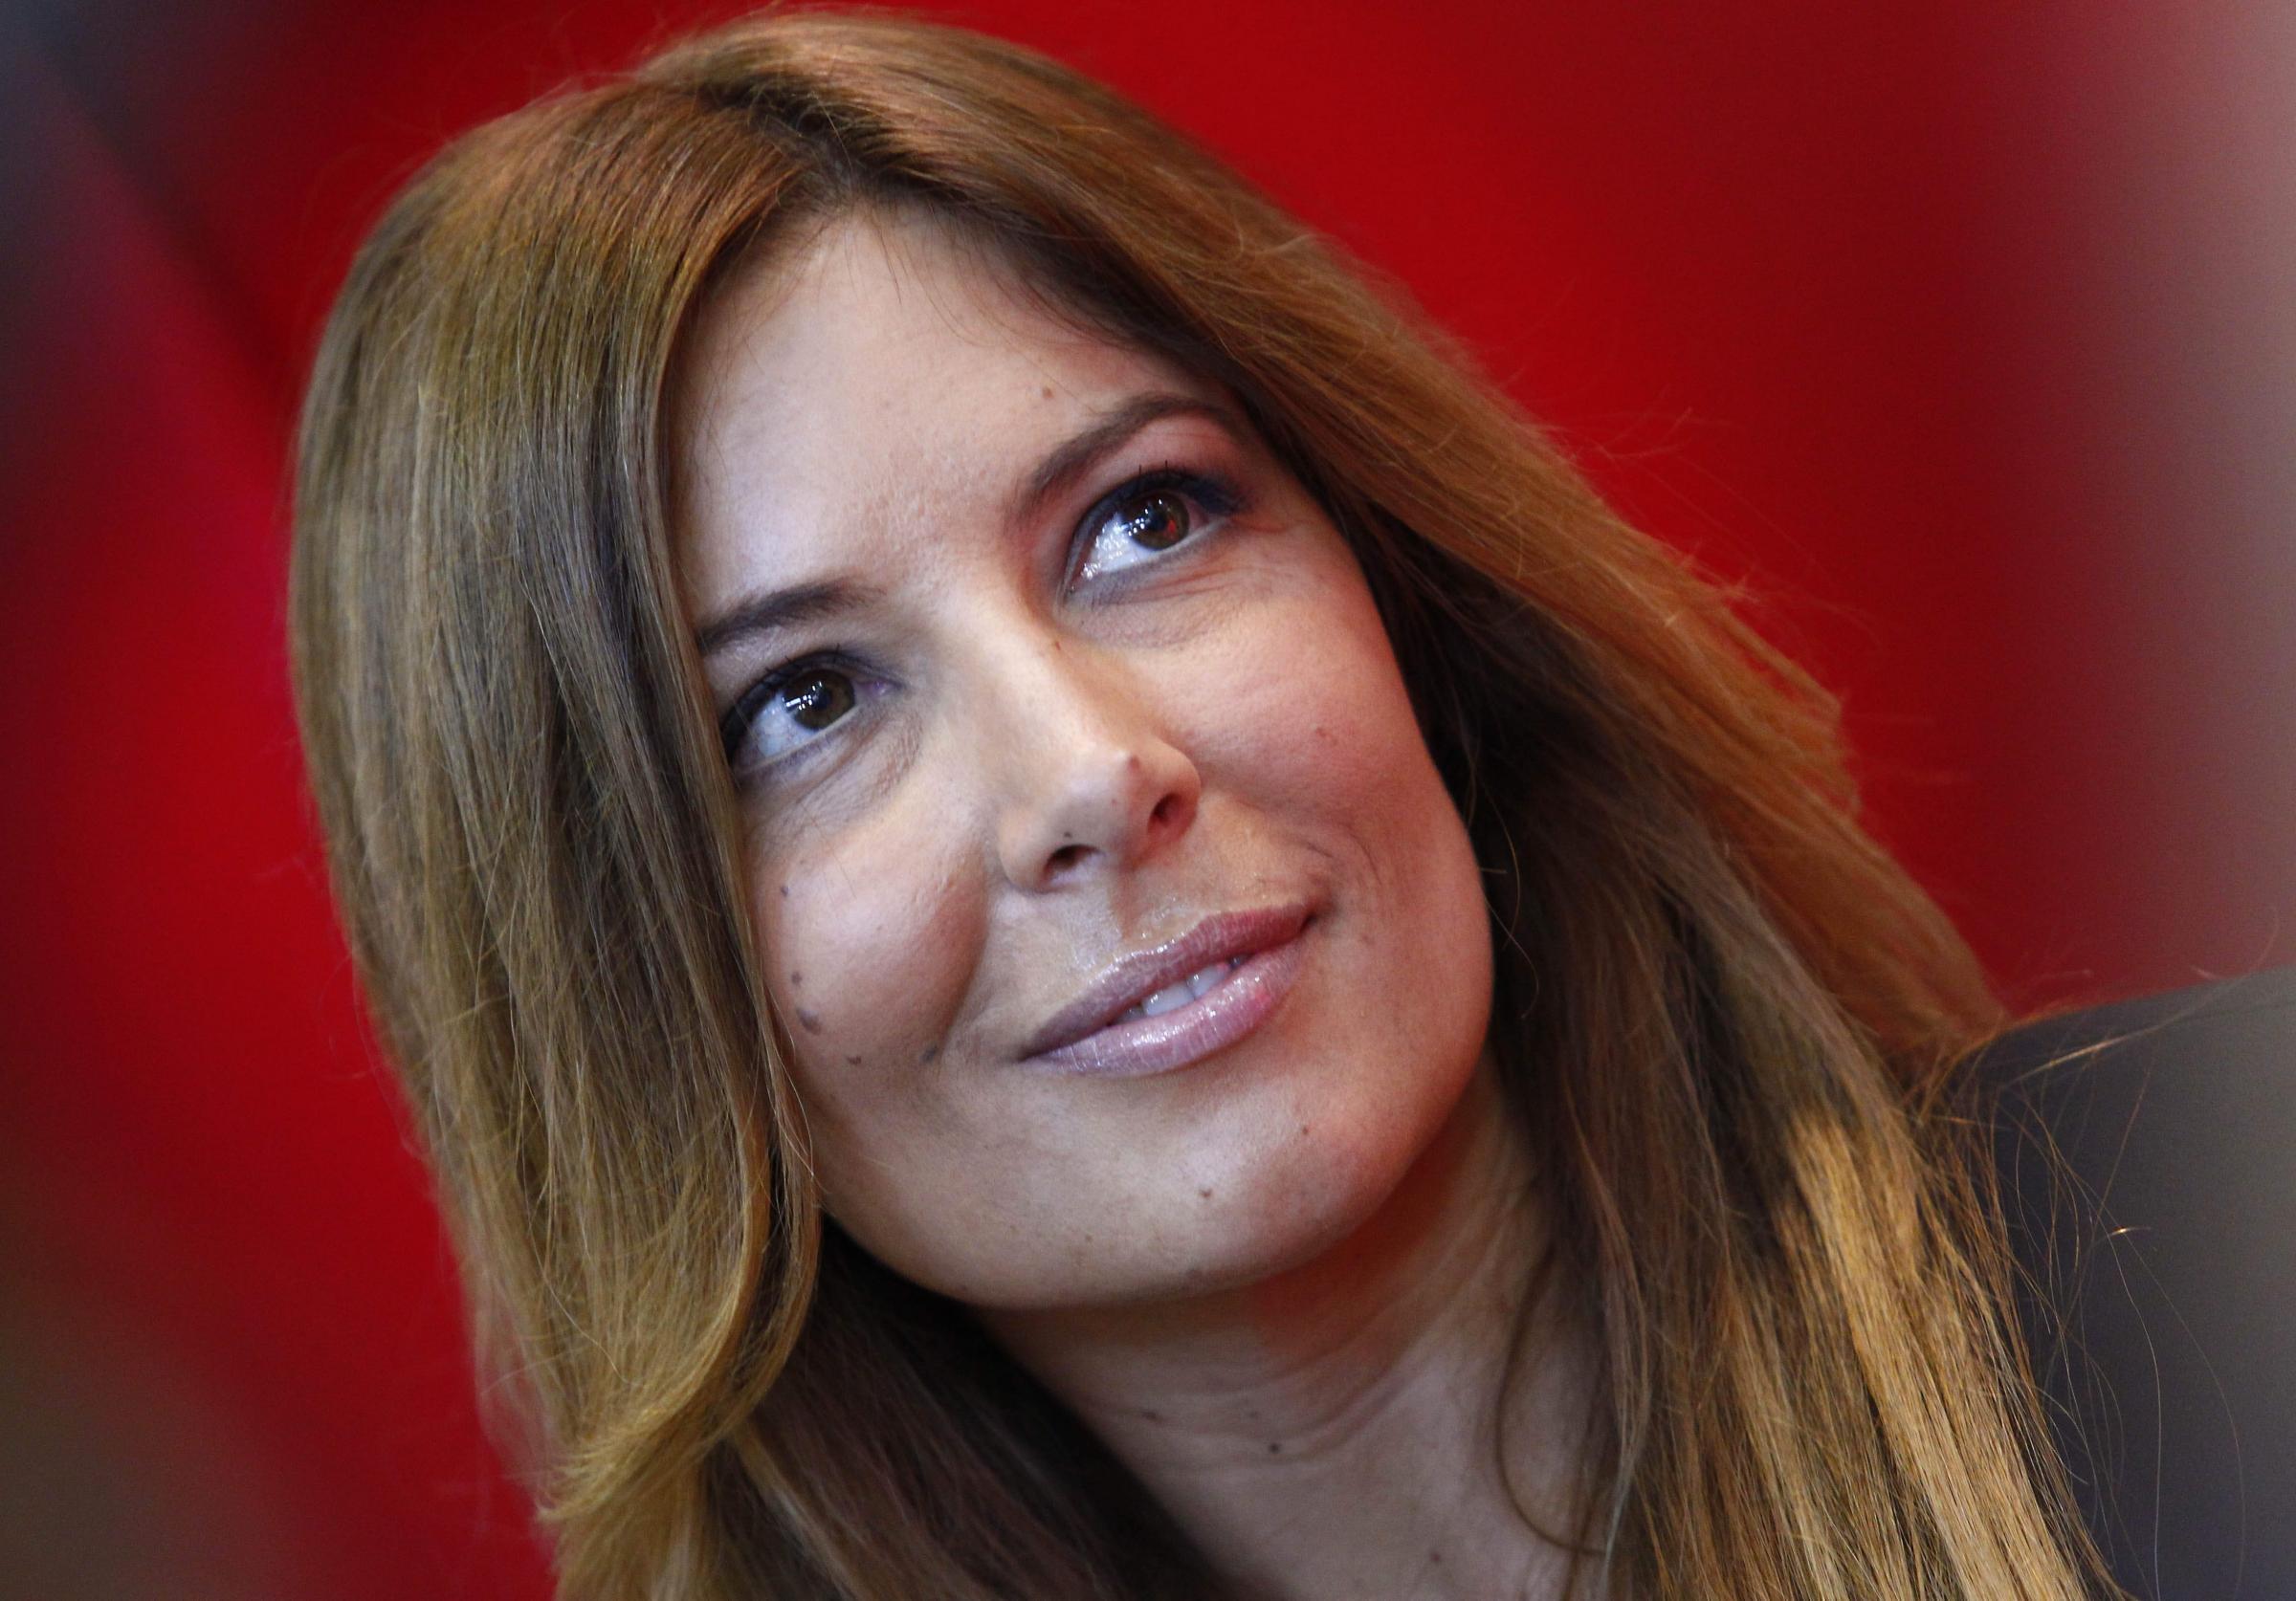 Raffele Sollecito sui social: attacchi e polemiche per la sua ironia dalla Lucarelli a Dagospia